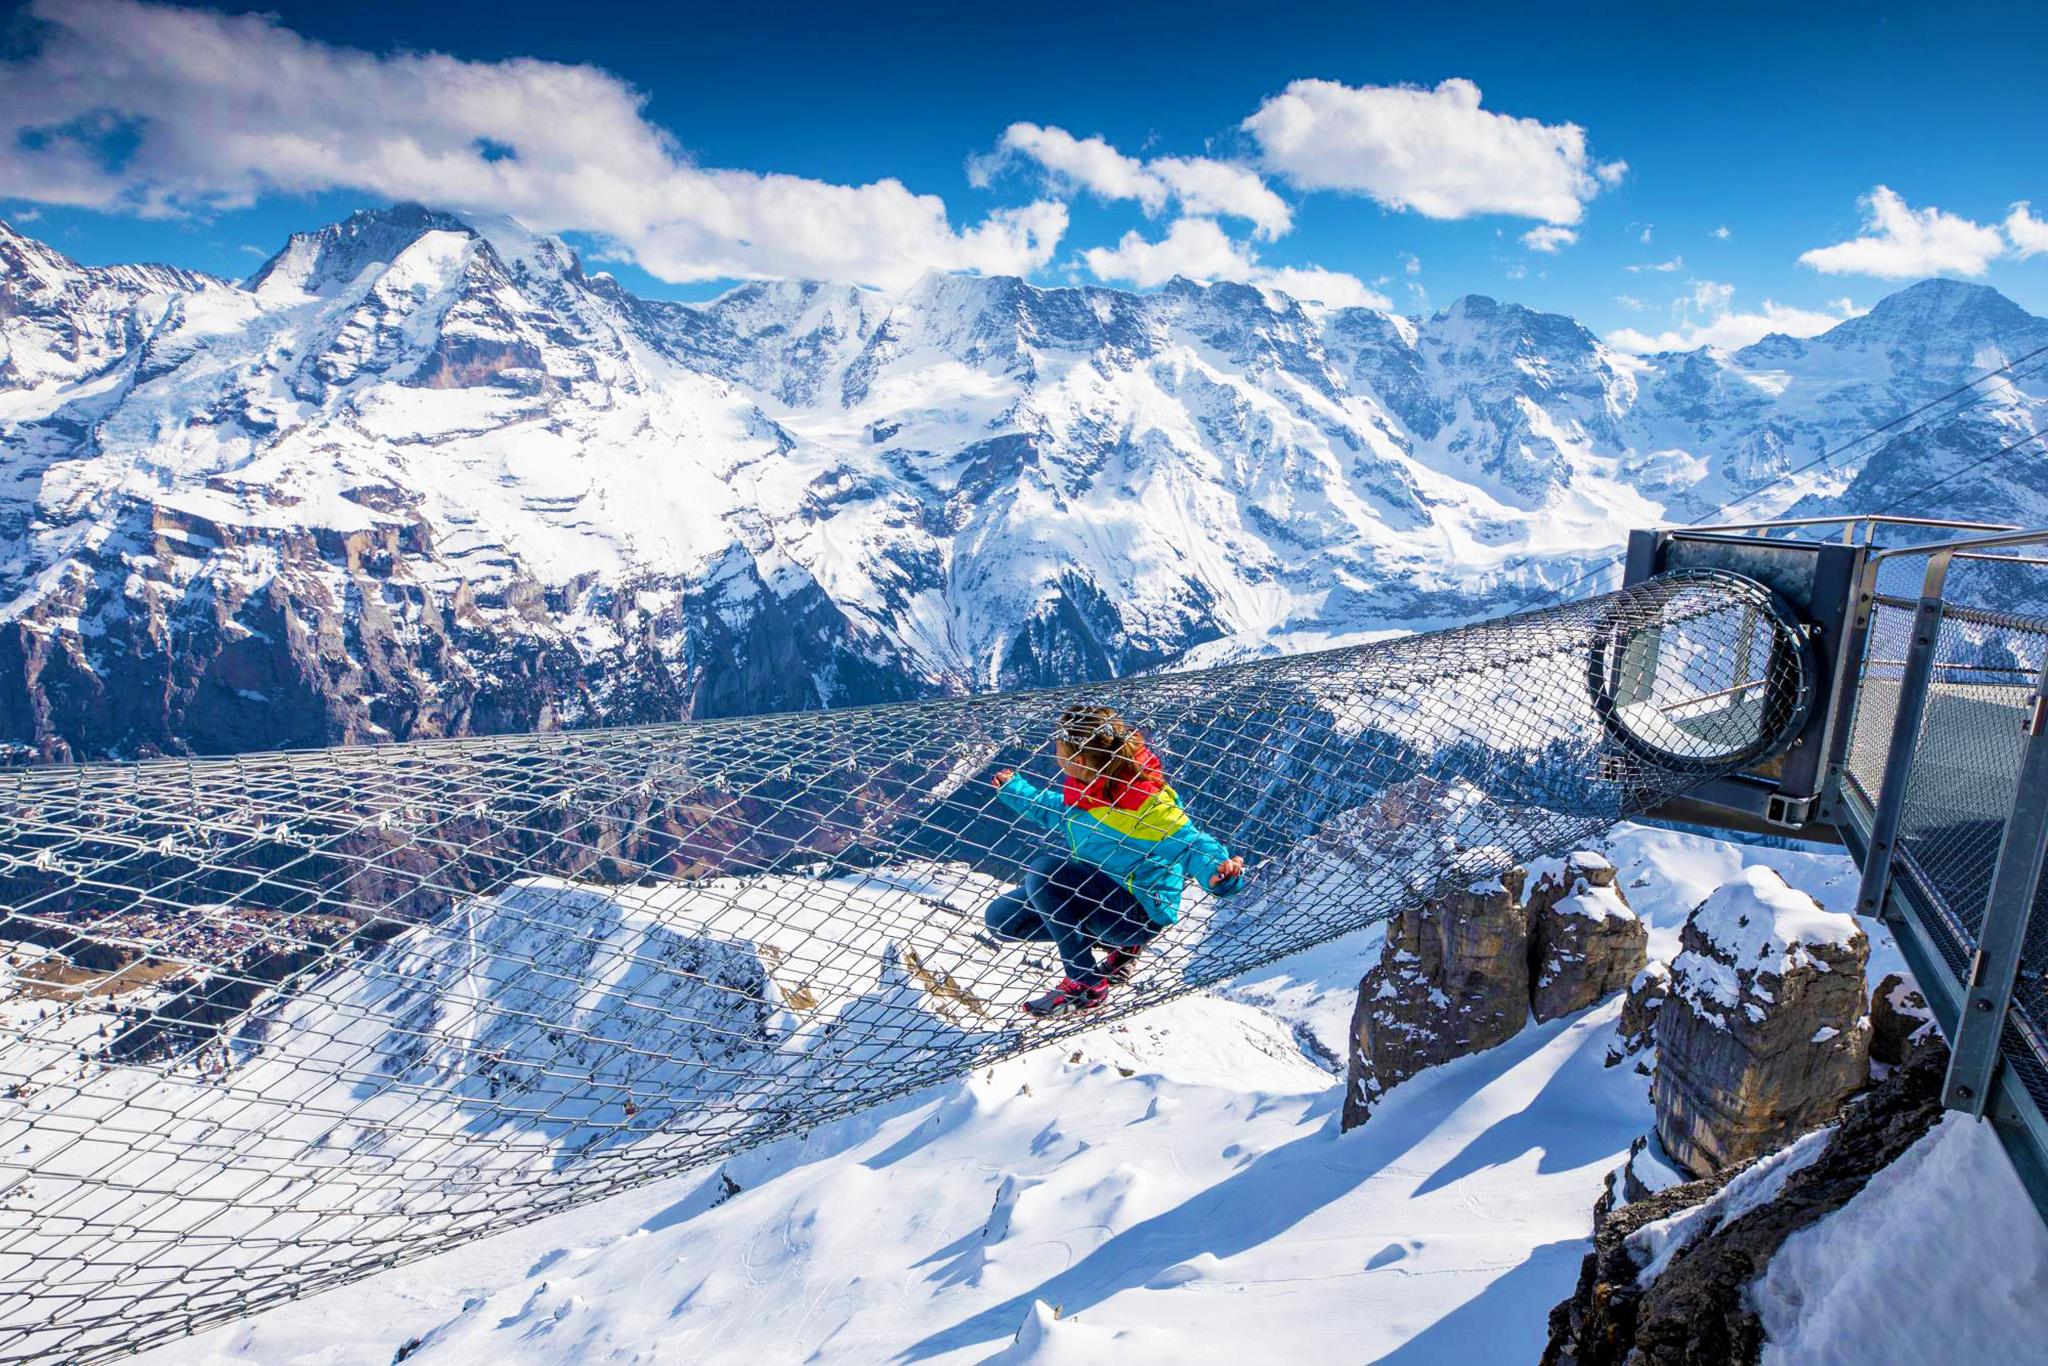 kt_2020_360_Keytours_excursions_Swisstours_interlaken_schilthorn5_2048_10